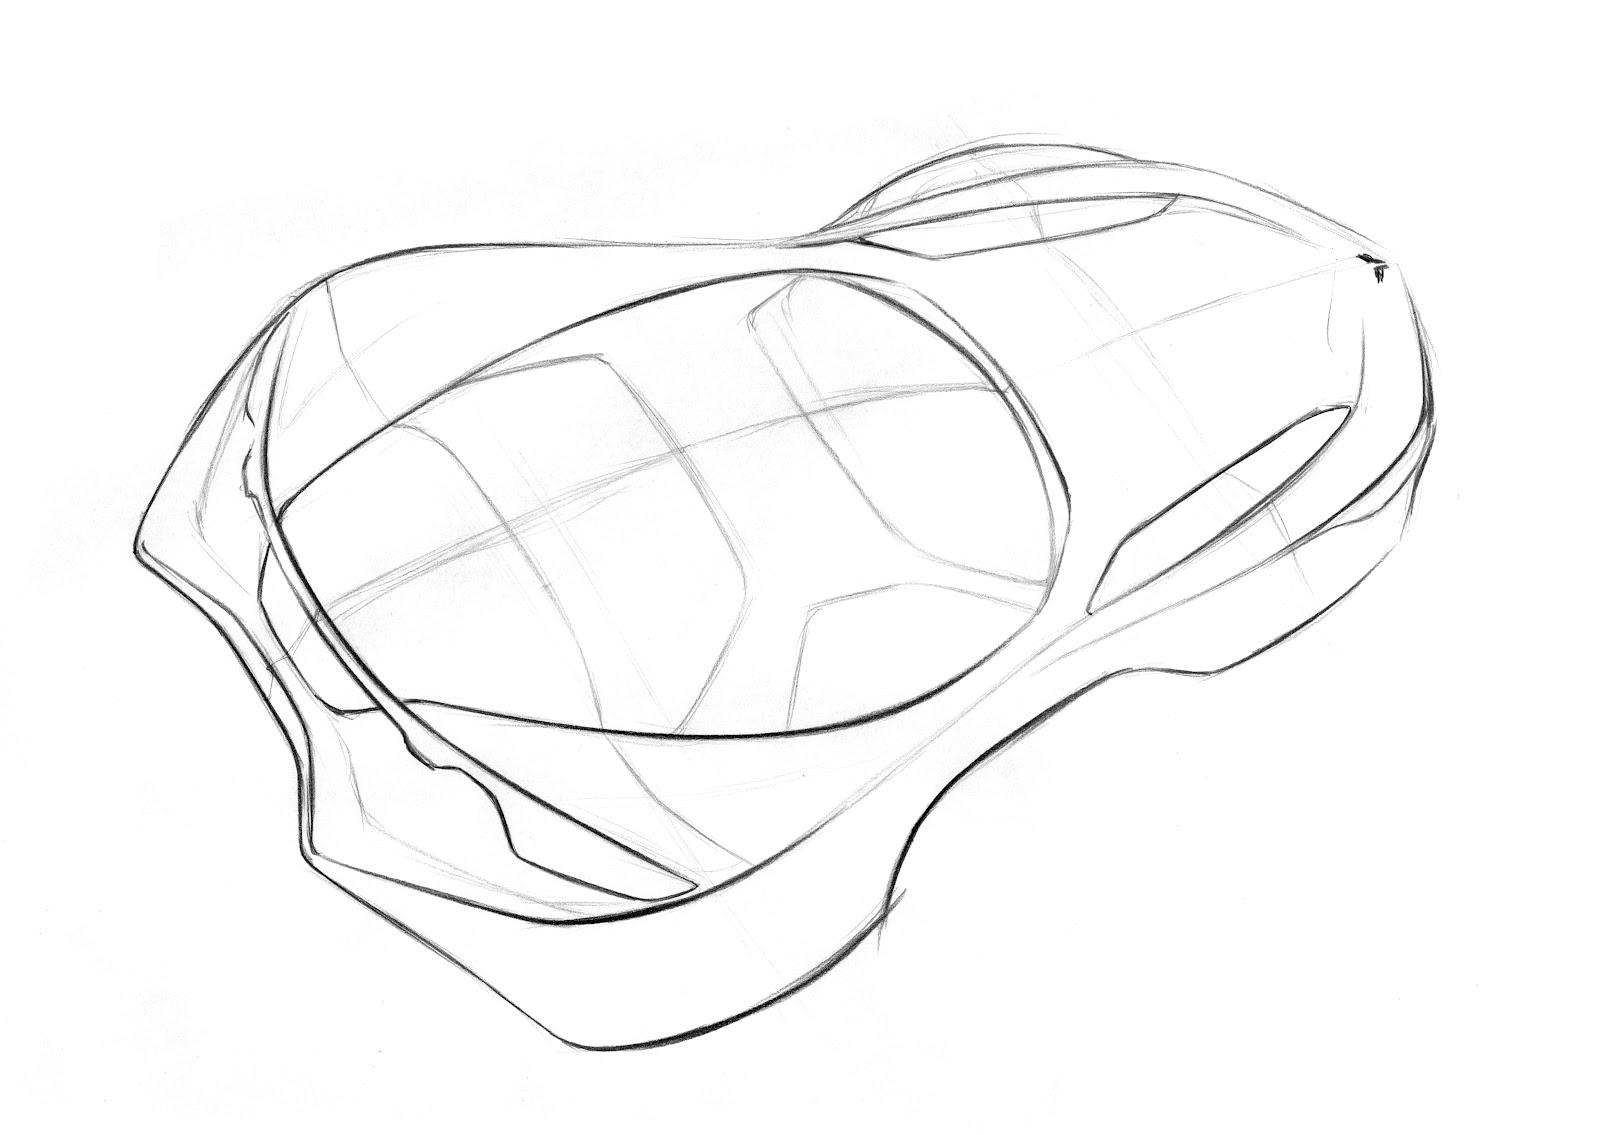 Corvette Stingray Drawing At Getdrawings